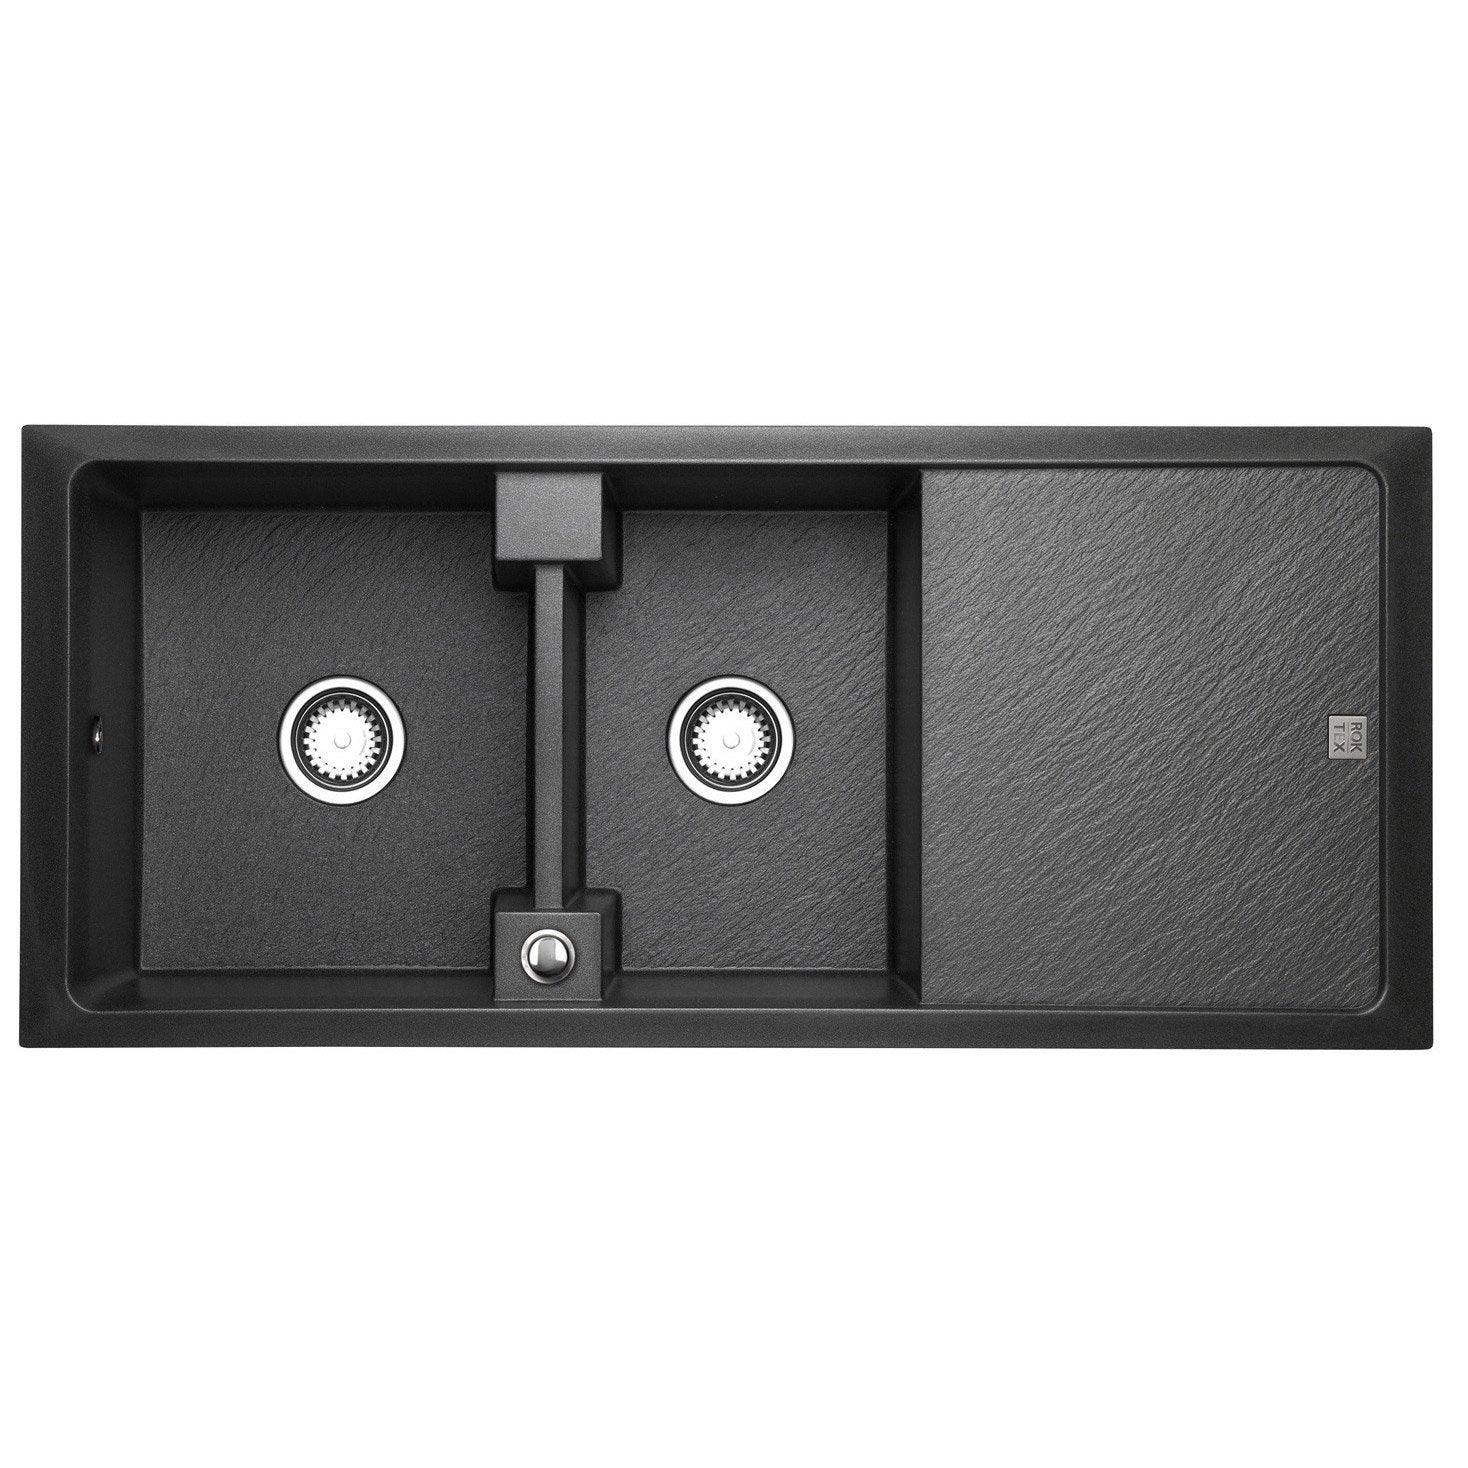 vier encastrer astracast contour 2 bacs avec gouttoir. Black Bedroom Furniture Sets. Home Design Ideas